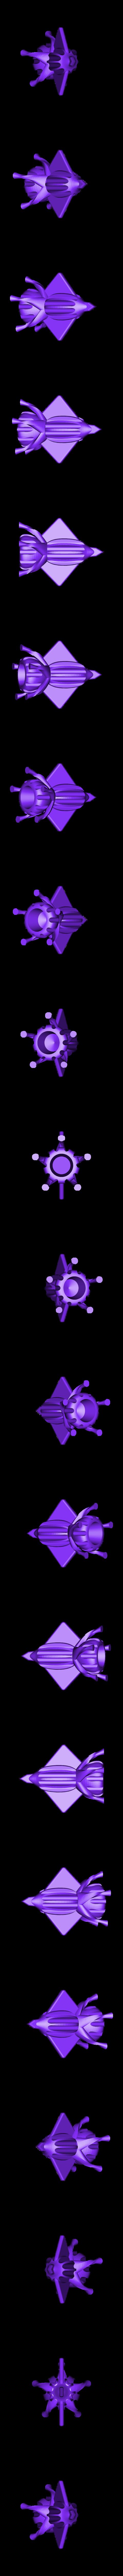 fighter1_1.stl Télécharger fichier STL gratuit little rocket fighter • Objet à imprimer en 3D, squiqui